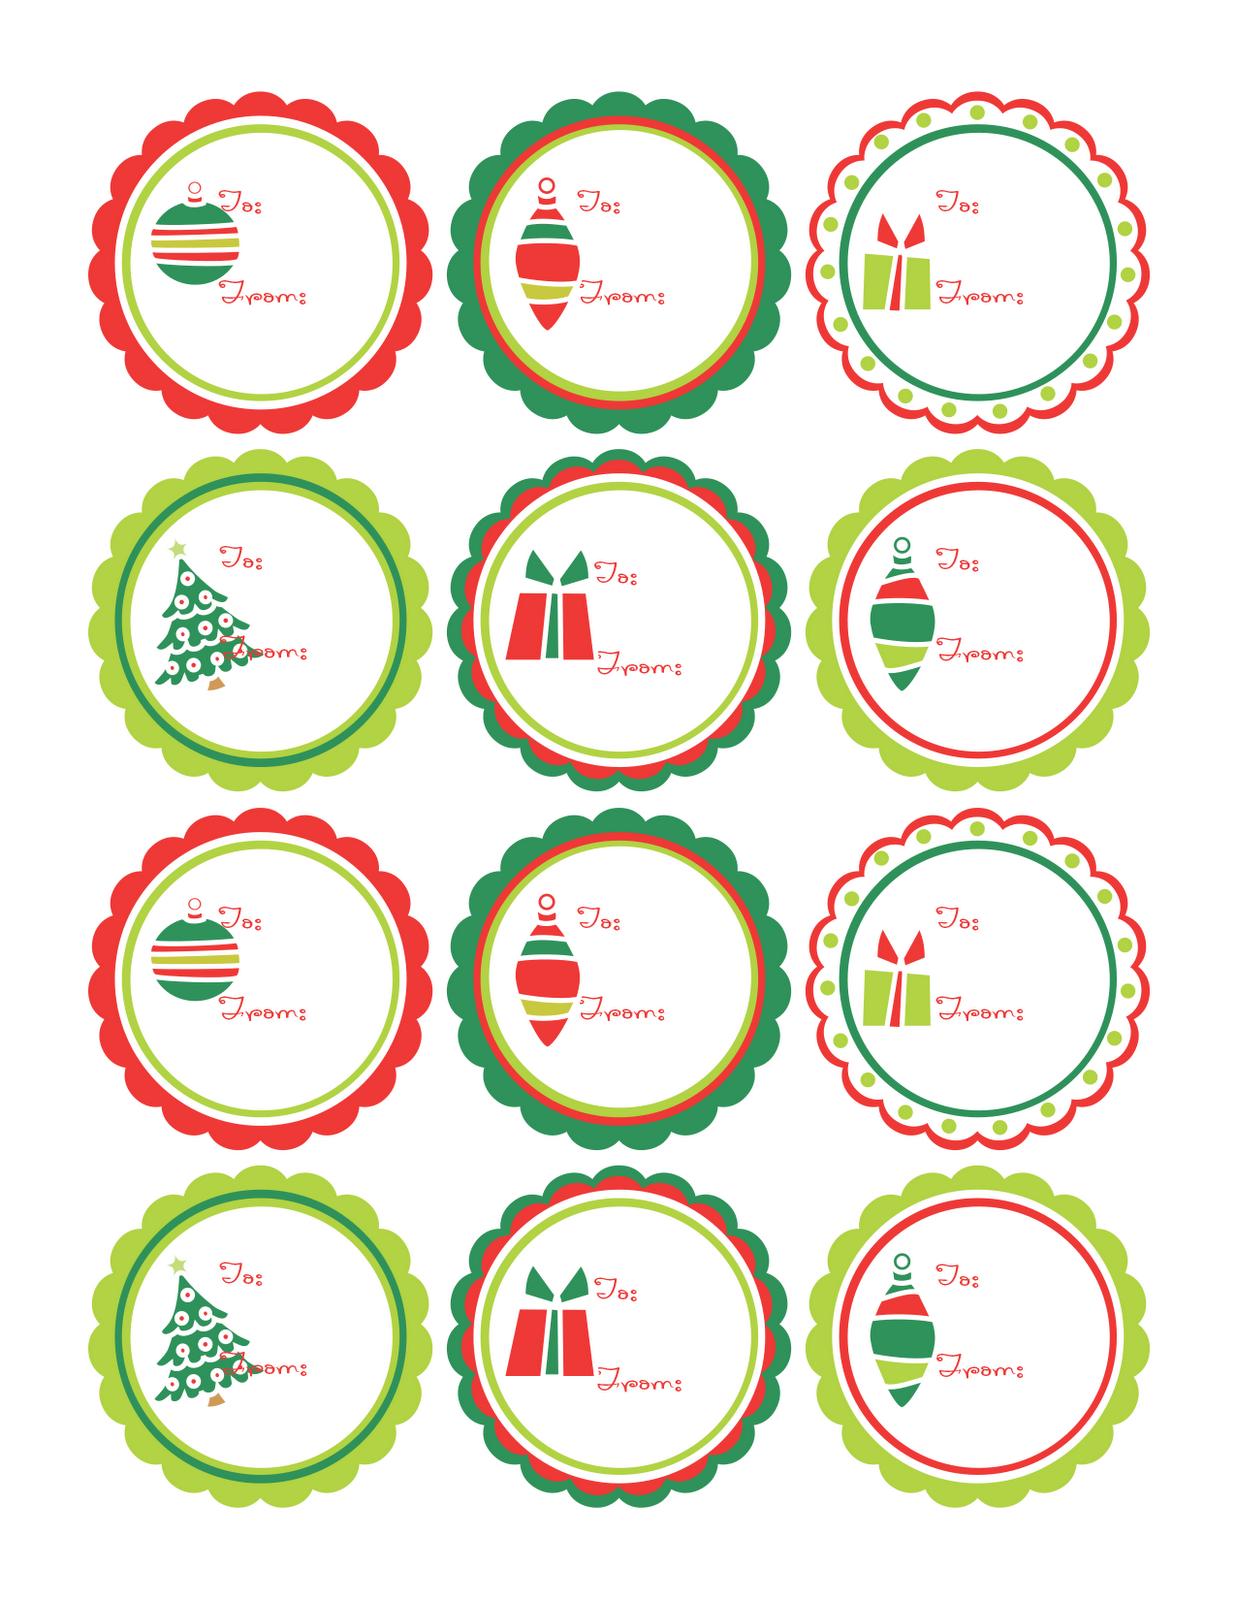 Felicitaciones De Navidad Personalizadas On Line.Etiquetas De Navidad Retro Para Imprimir Gratis Navidad